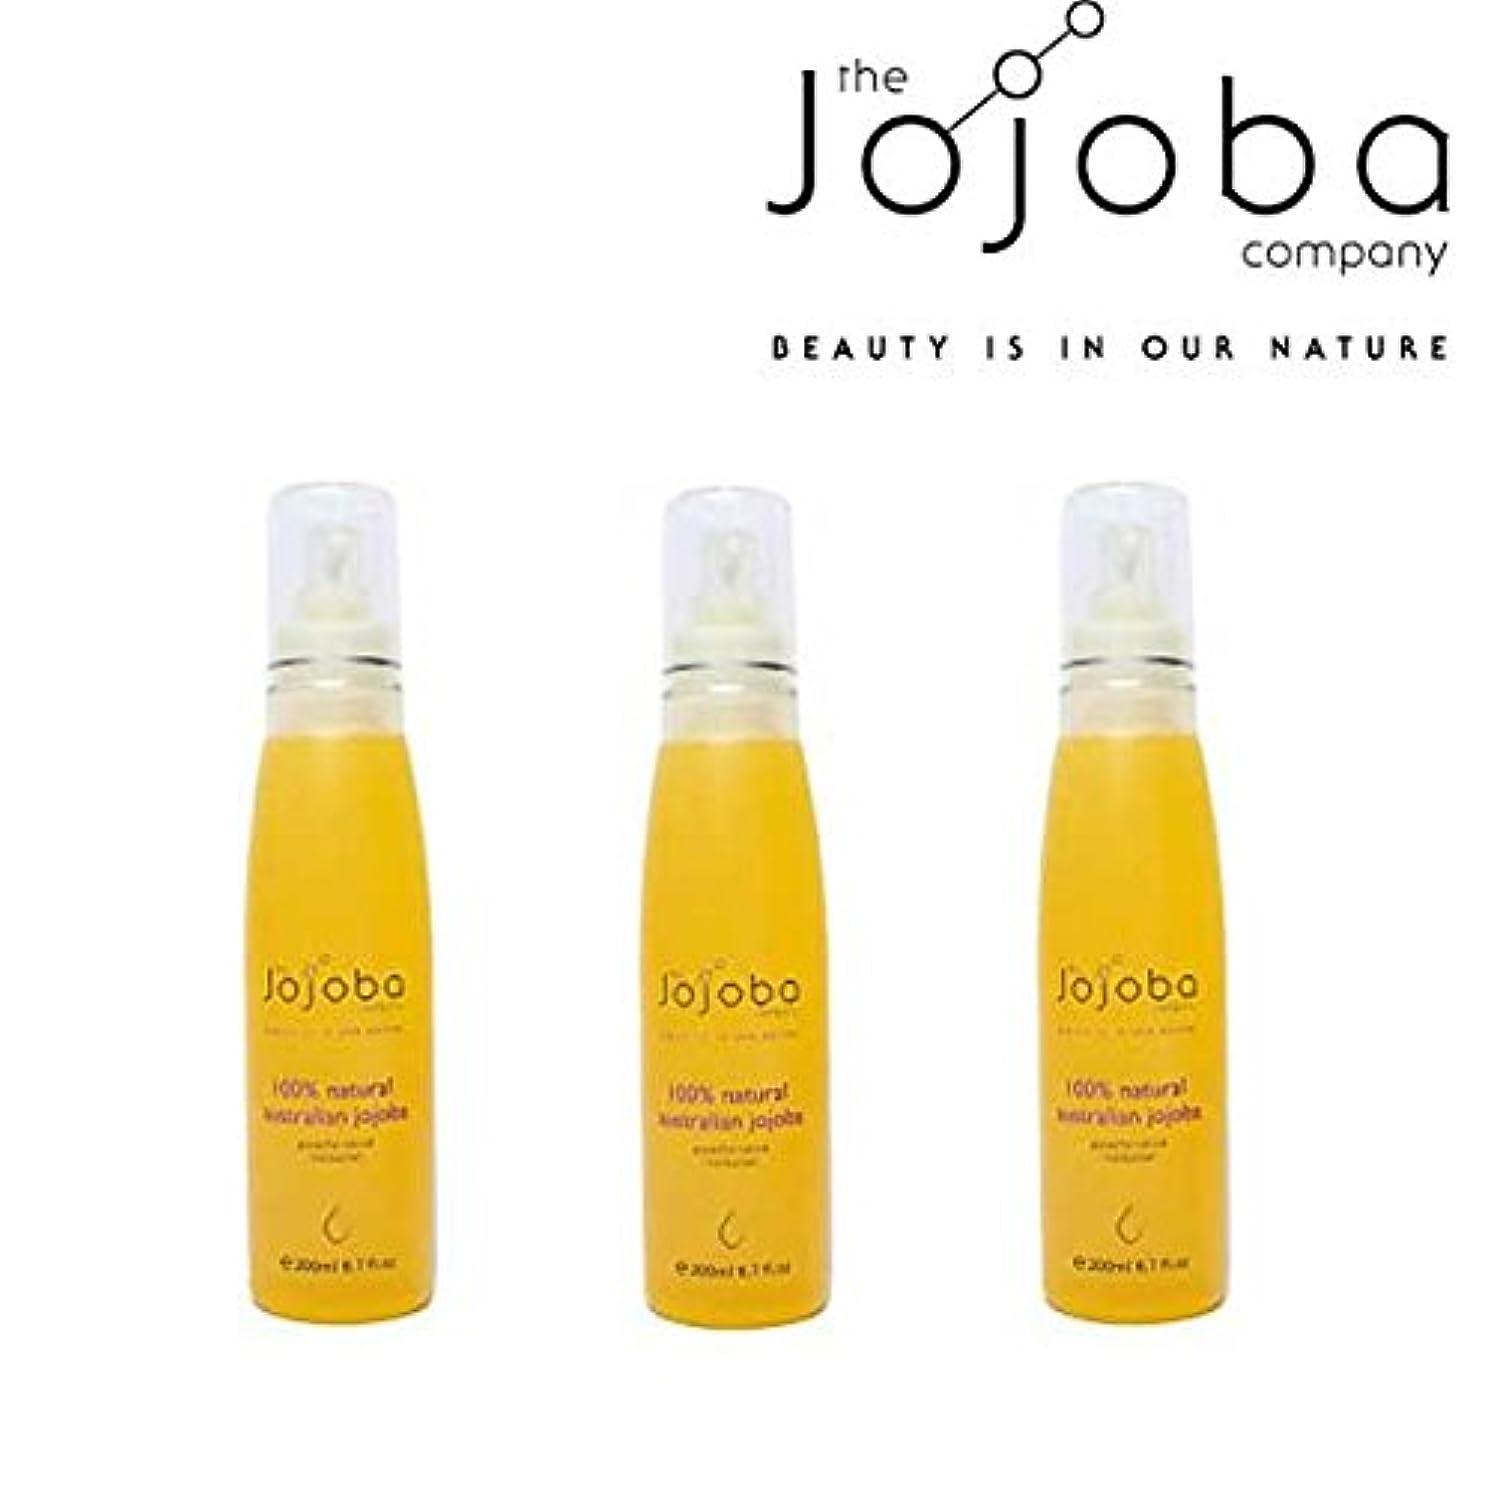 にぎやか石灰岩幻影[The jojoba Company]天然100% オーストラリア産ゴールデンホホバオイル200ml(3本セット)[海外直送品]